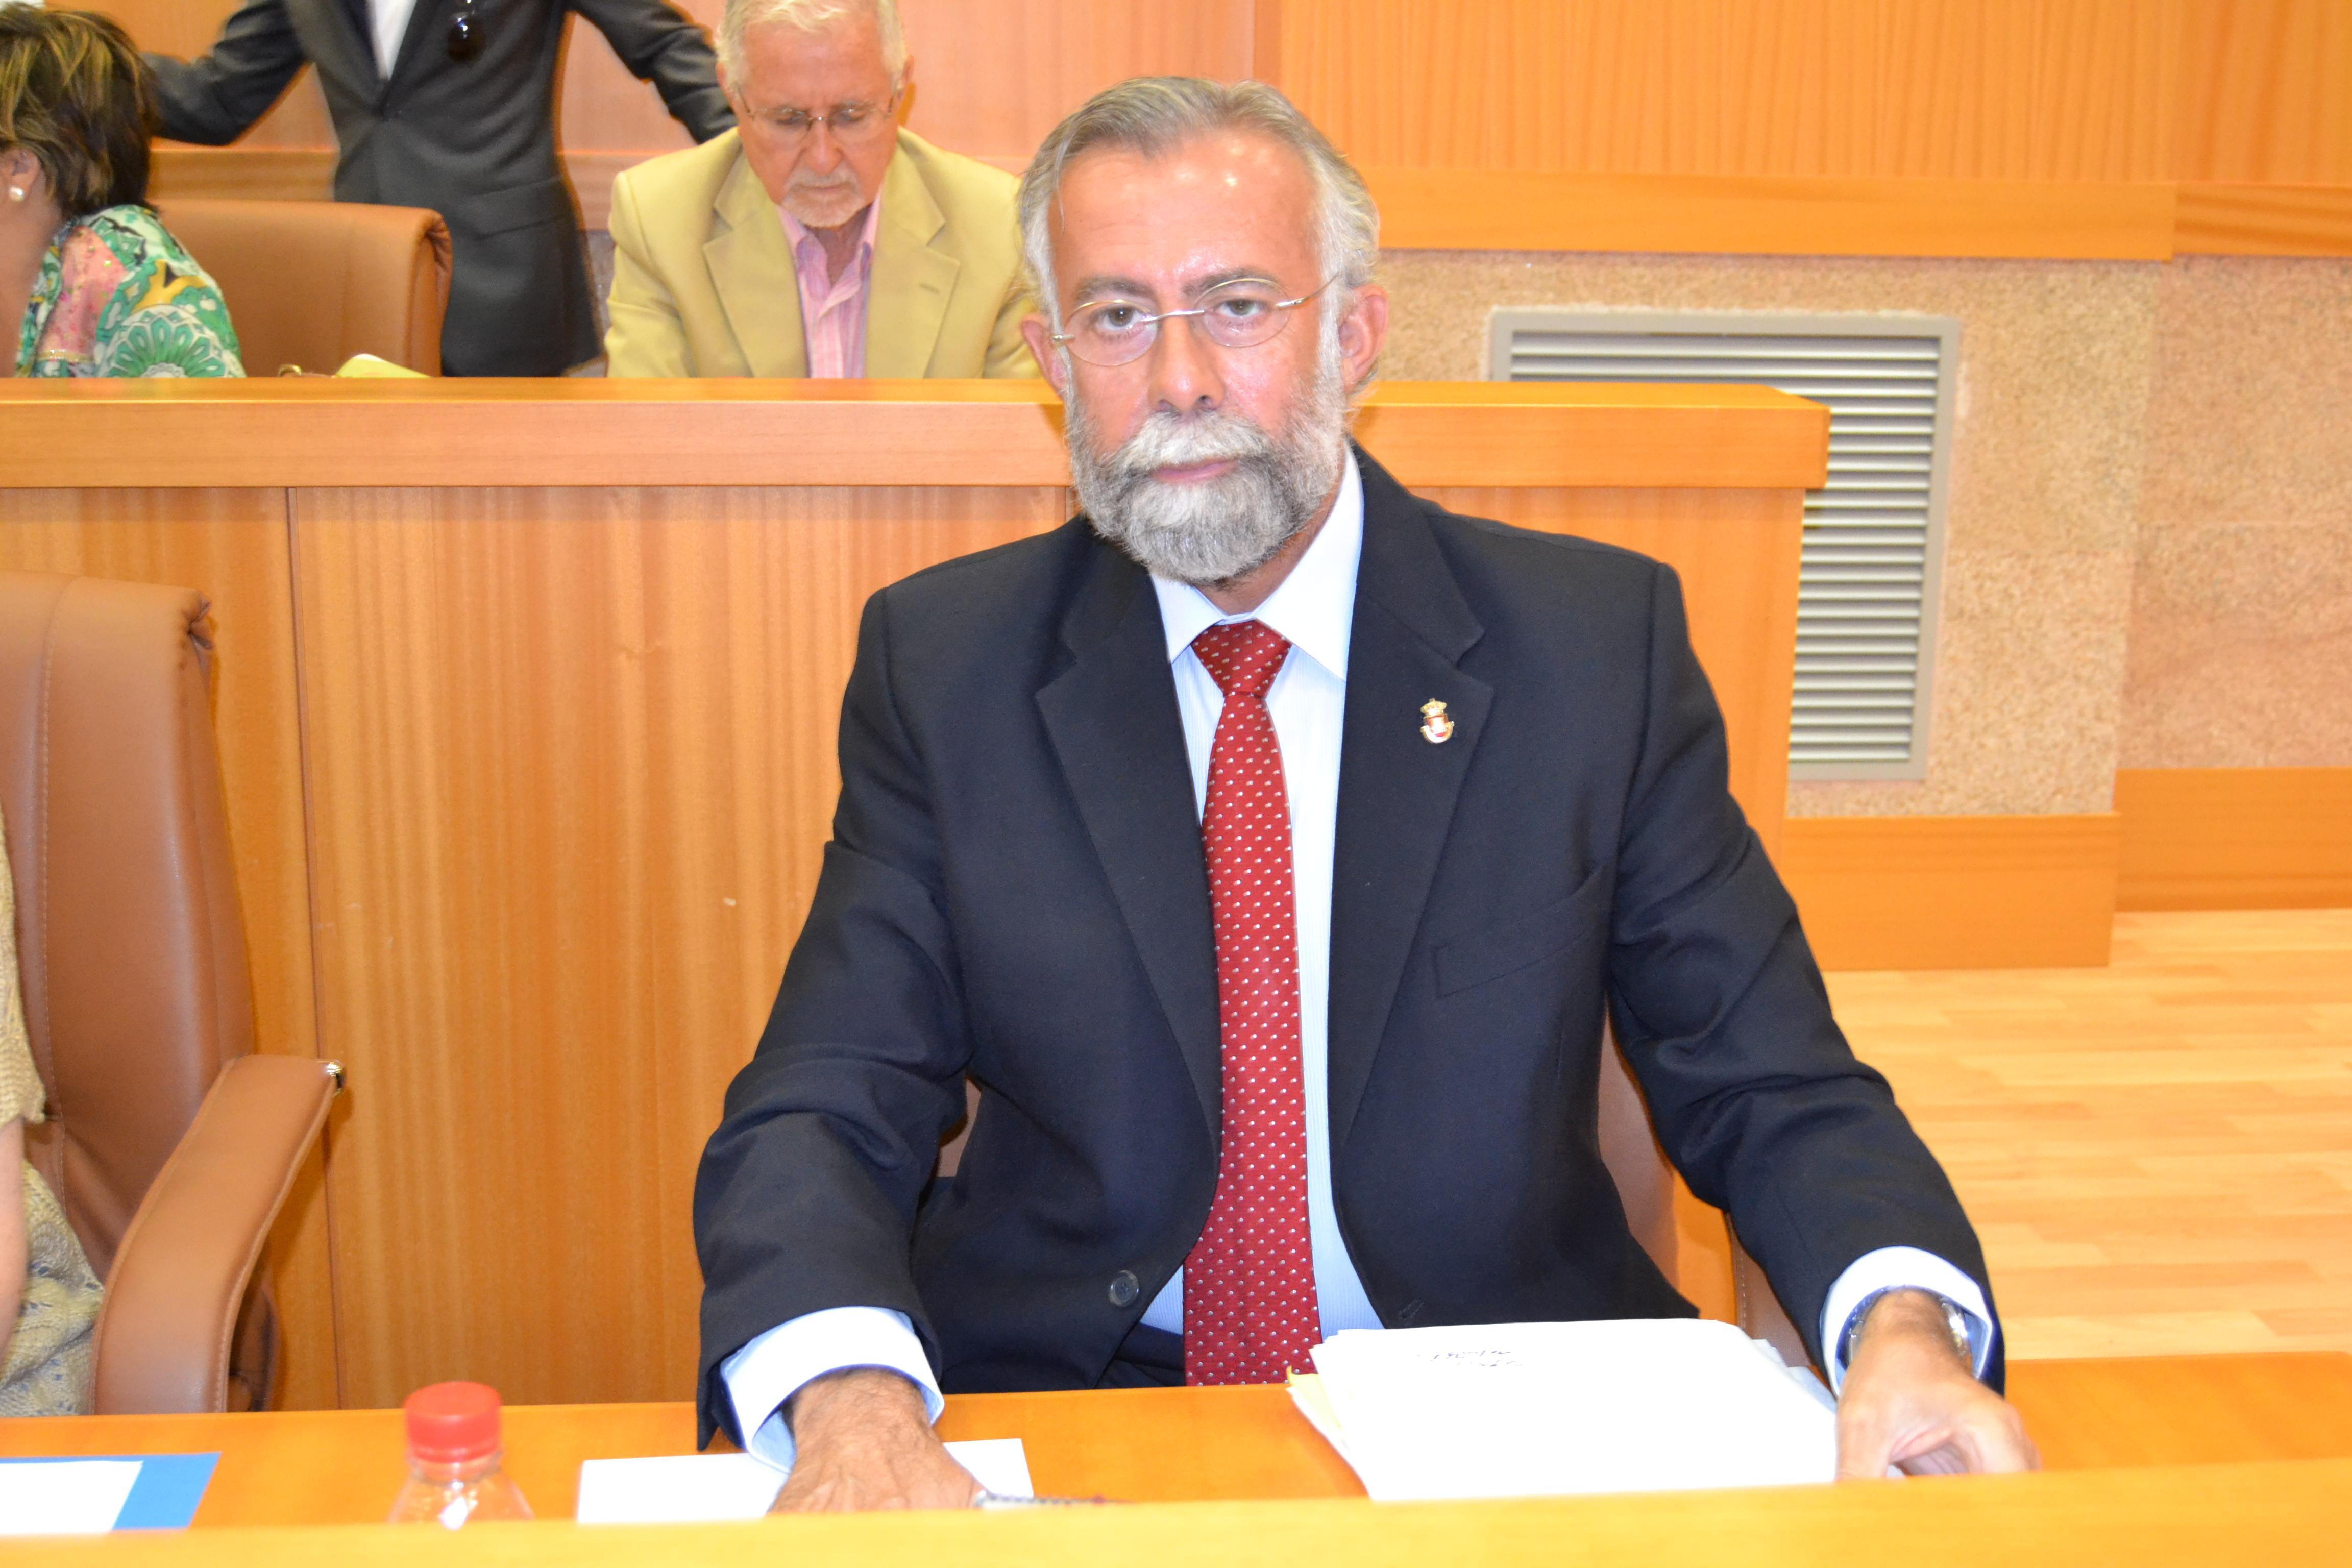 El gobierno municipal talaverano pide la dimisión del portavoz de PSOE